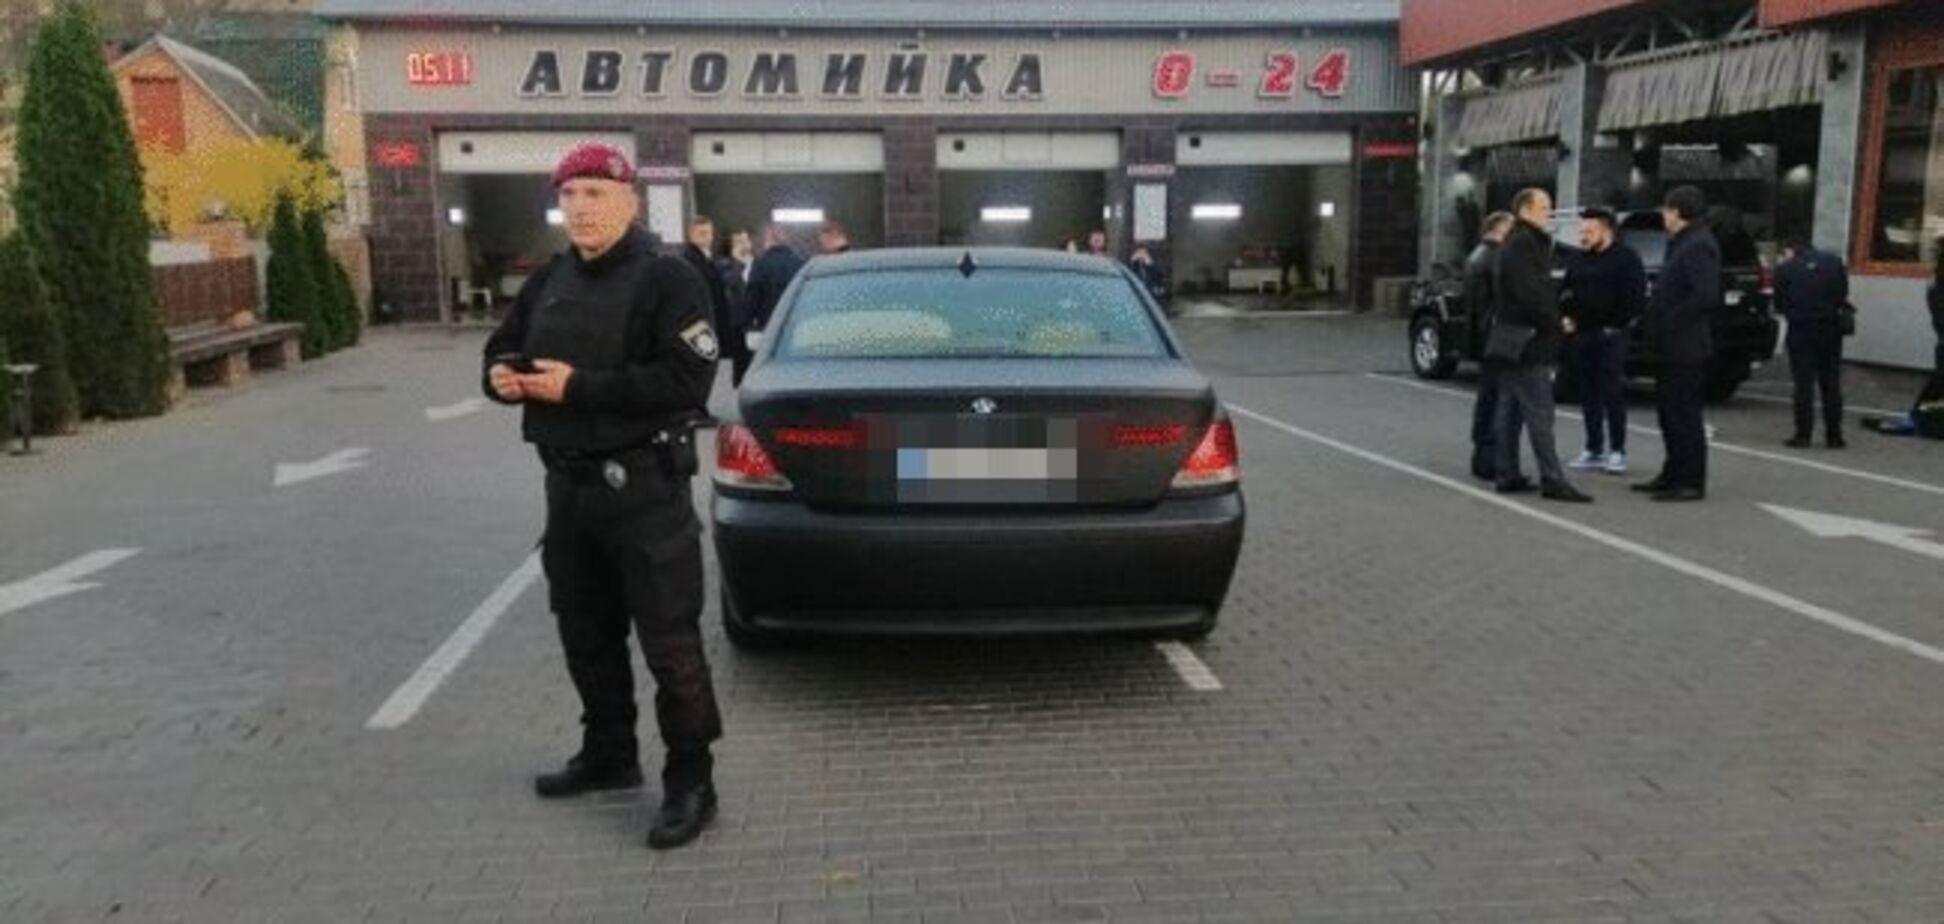 В Луцке произошла смертельная стрельба: объявлен план 'Перехват'. Фото с места ЧП